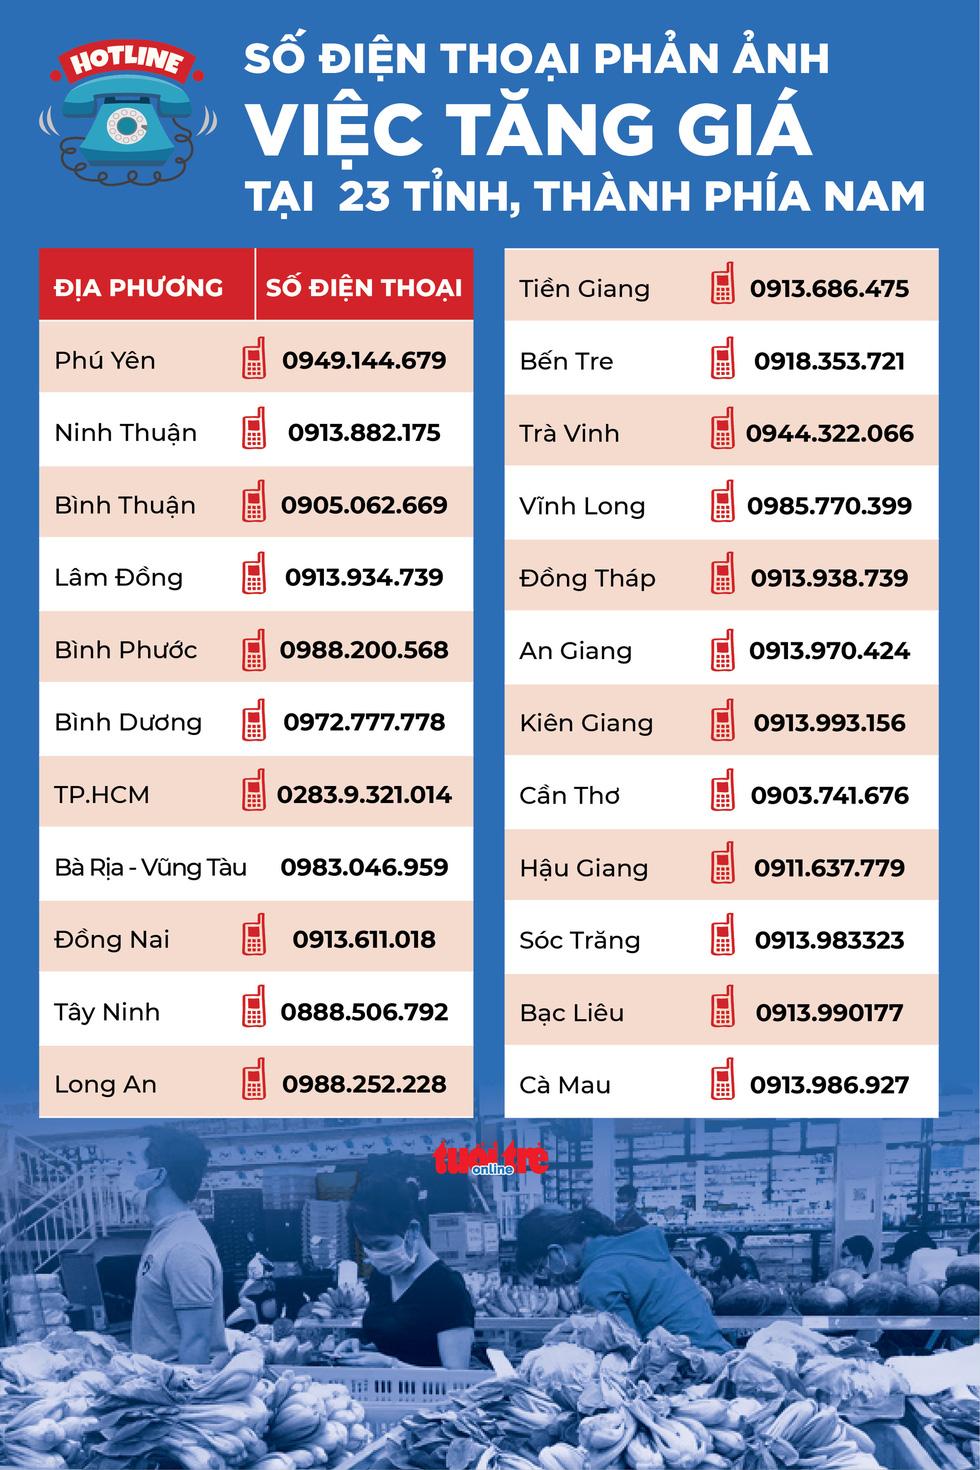 Số điện thoại phản ánh tình trạng tăng giá của 23 tỉnh thành phía Nam - Ảnh 1.